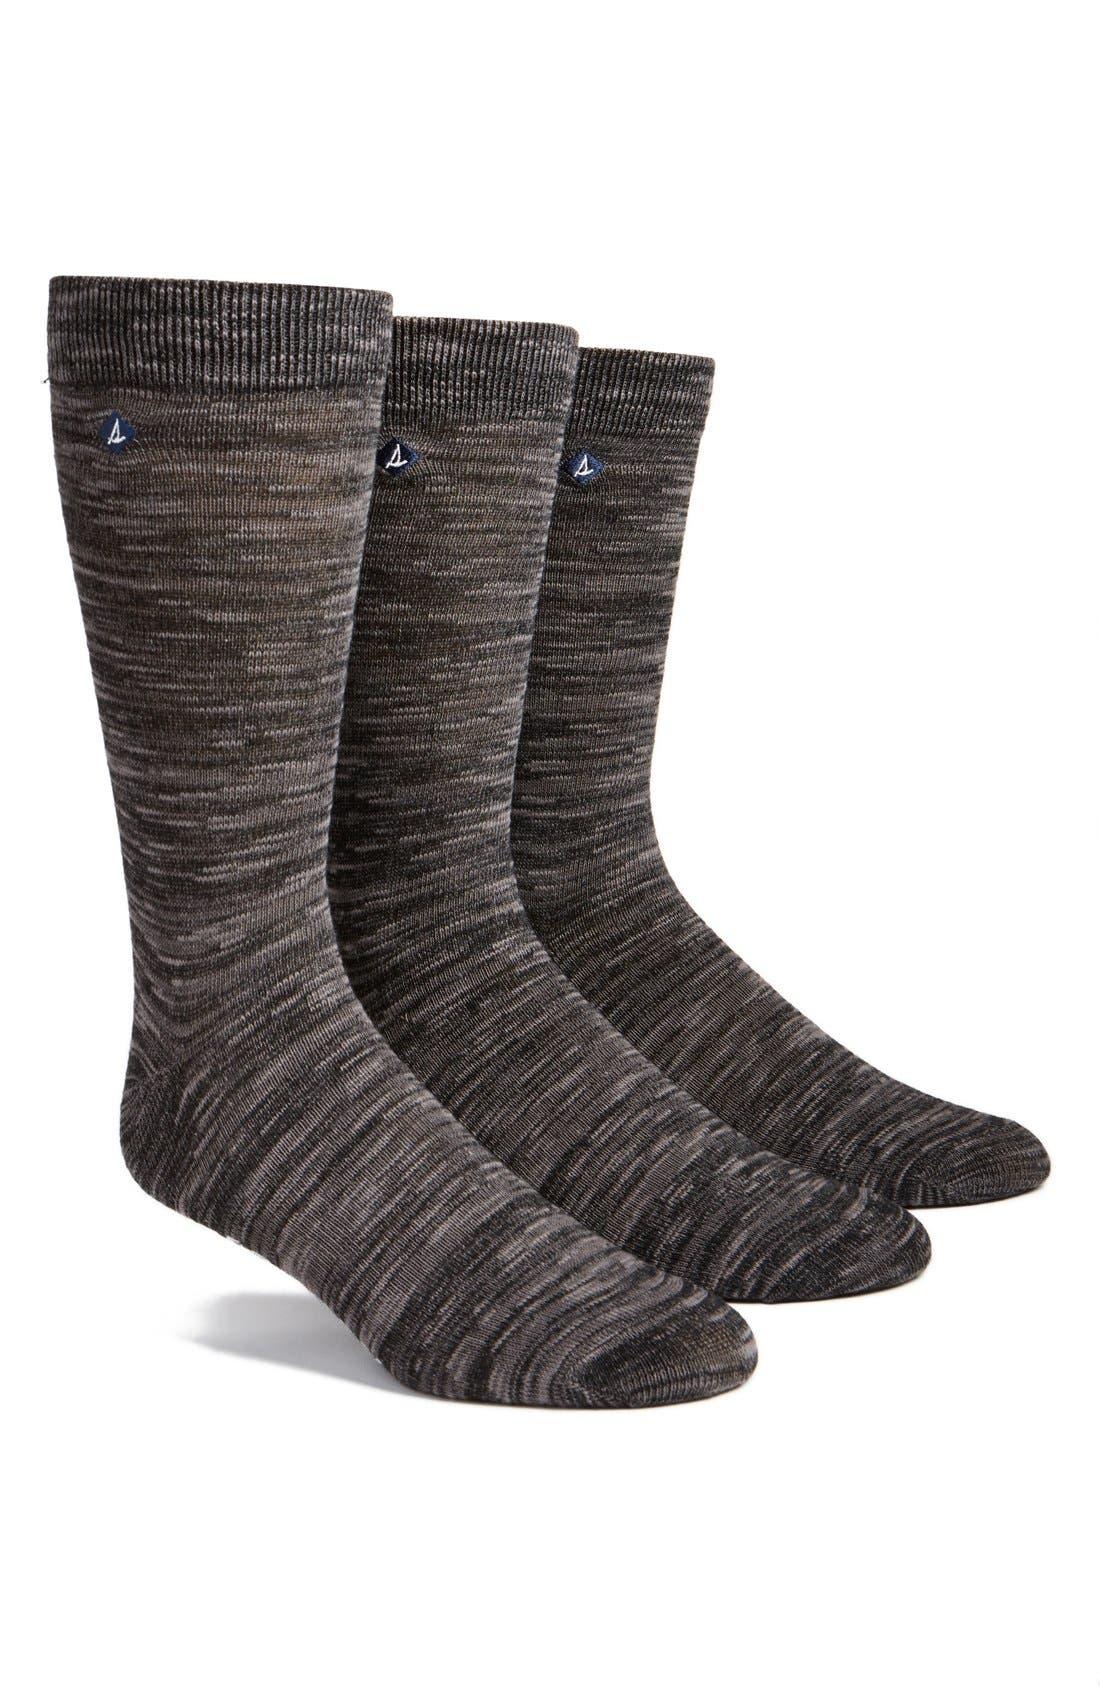 Cotton Blend Socks,                         Main,                         color, 003